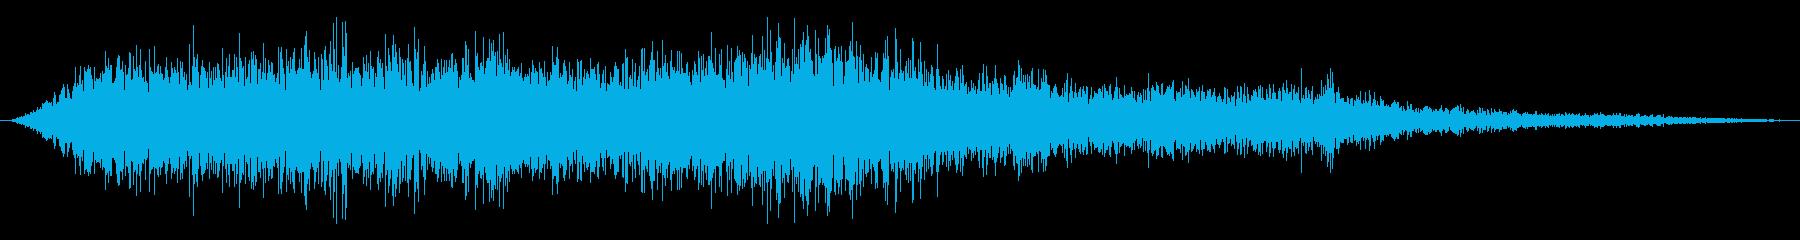 シューッという音EC07_88_6の再生済みの波形